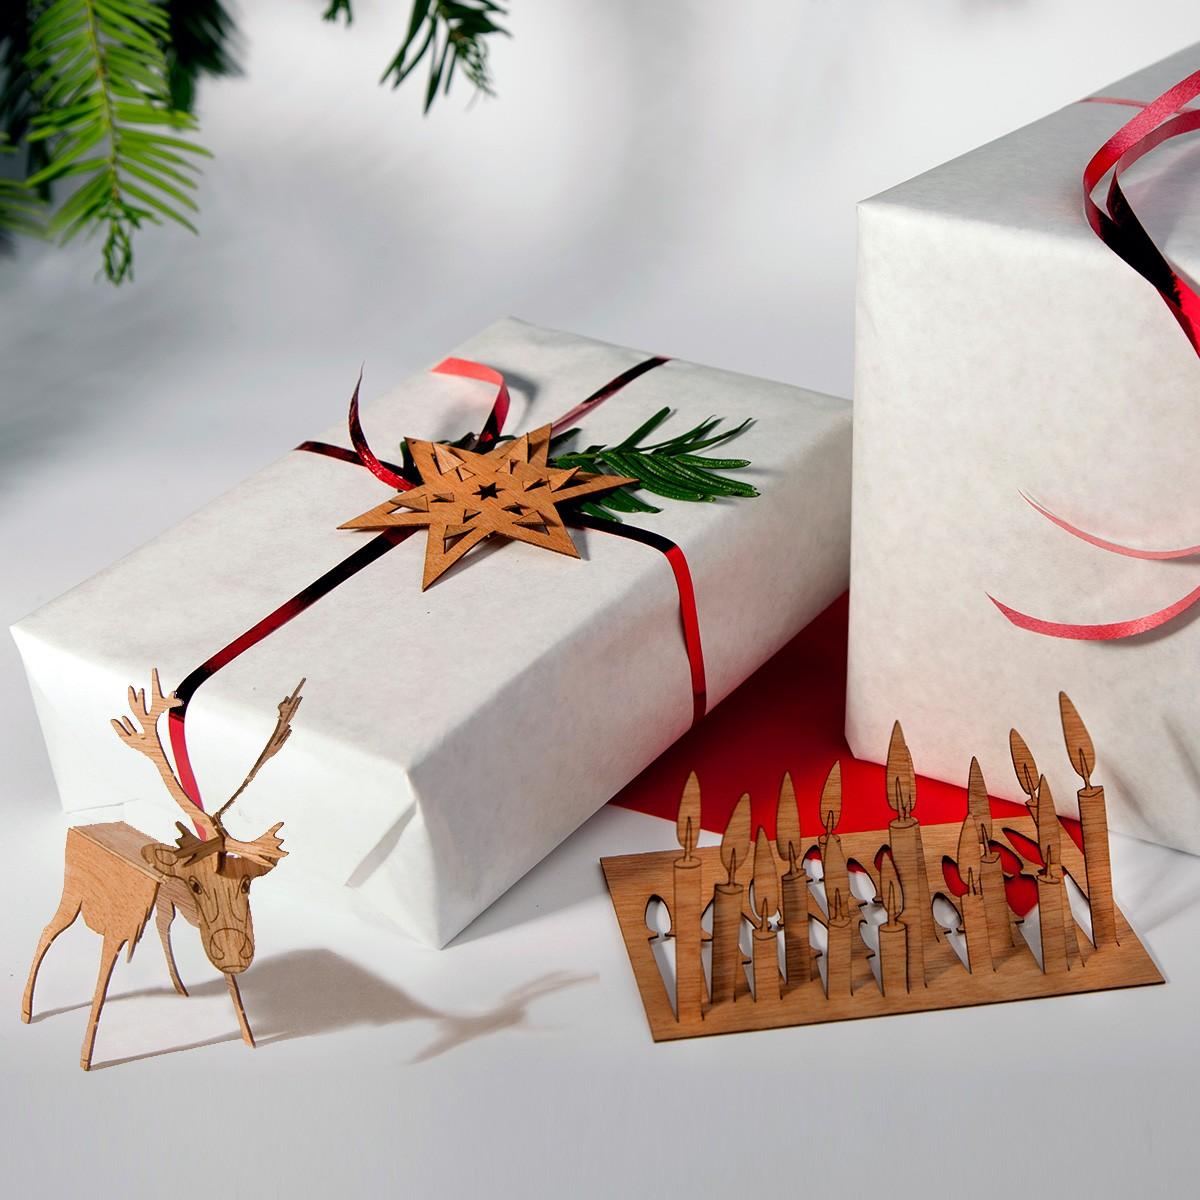 Bożonarodzeniowa kartka 3D z drewna